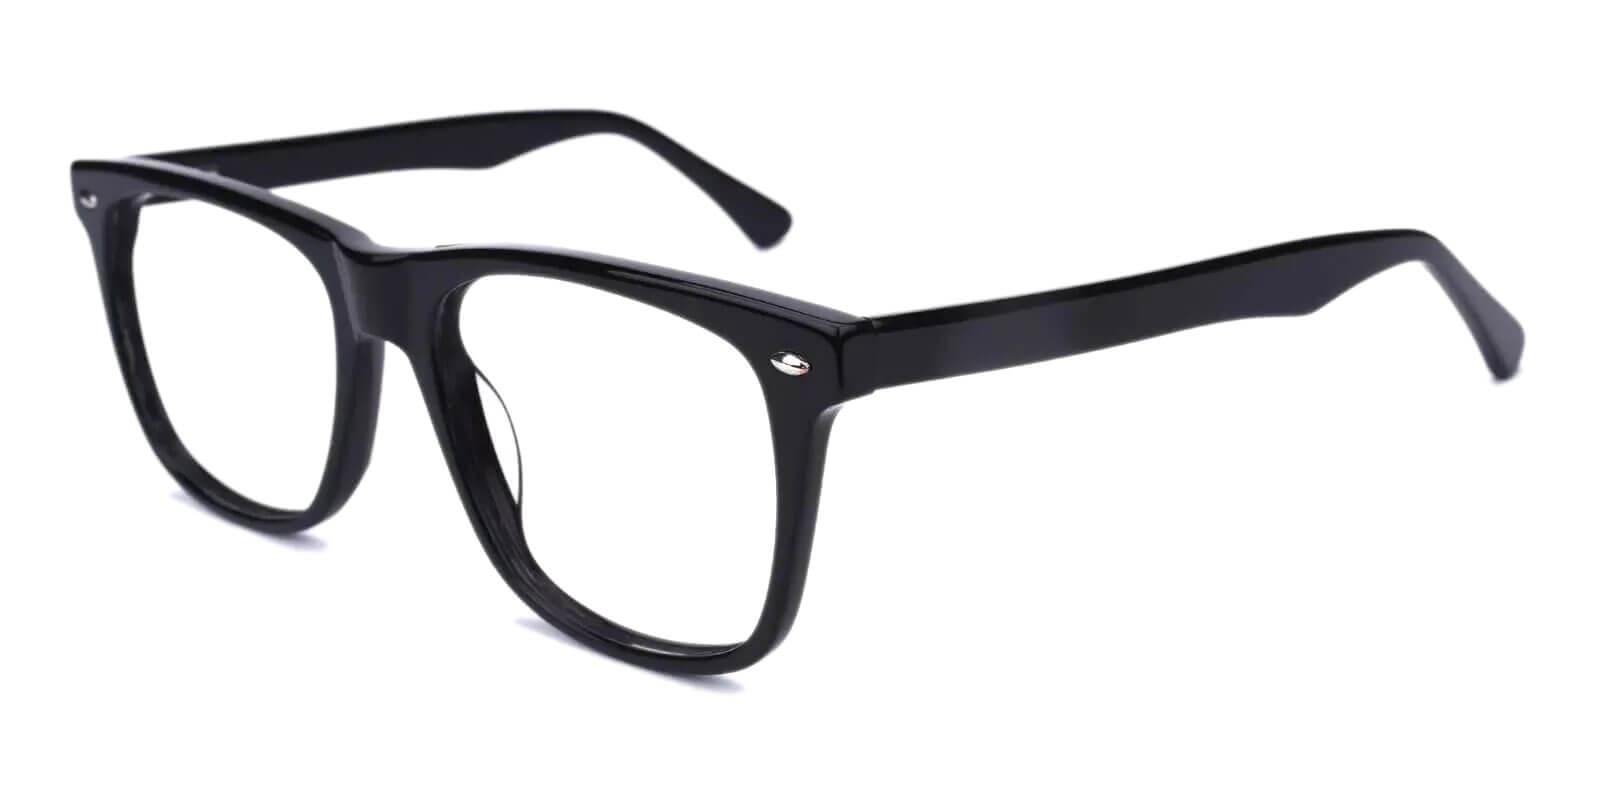 Montalvo Black Acetate Eyeglasses , SpringHinges , UniversalBridgeFit Frames from ABBE Glasses